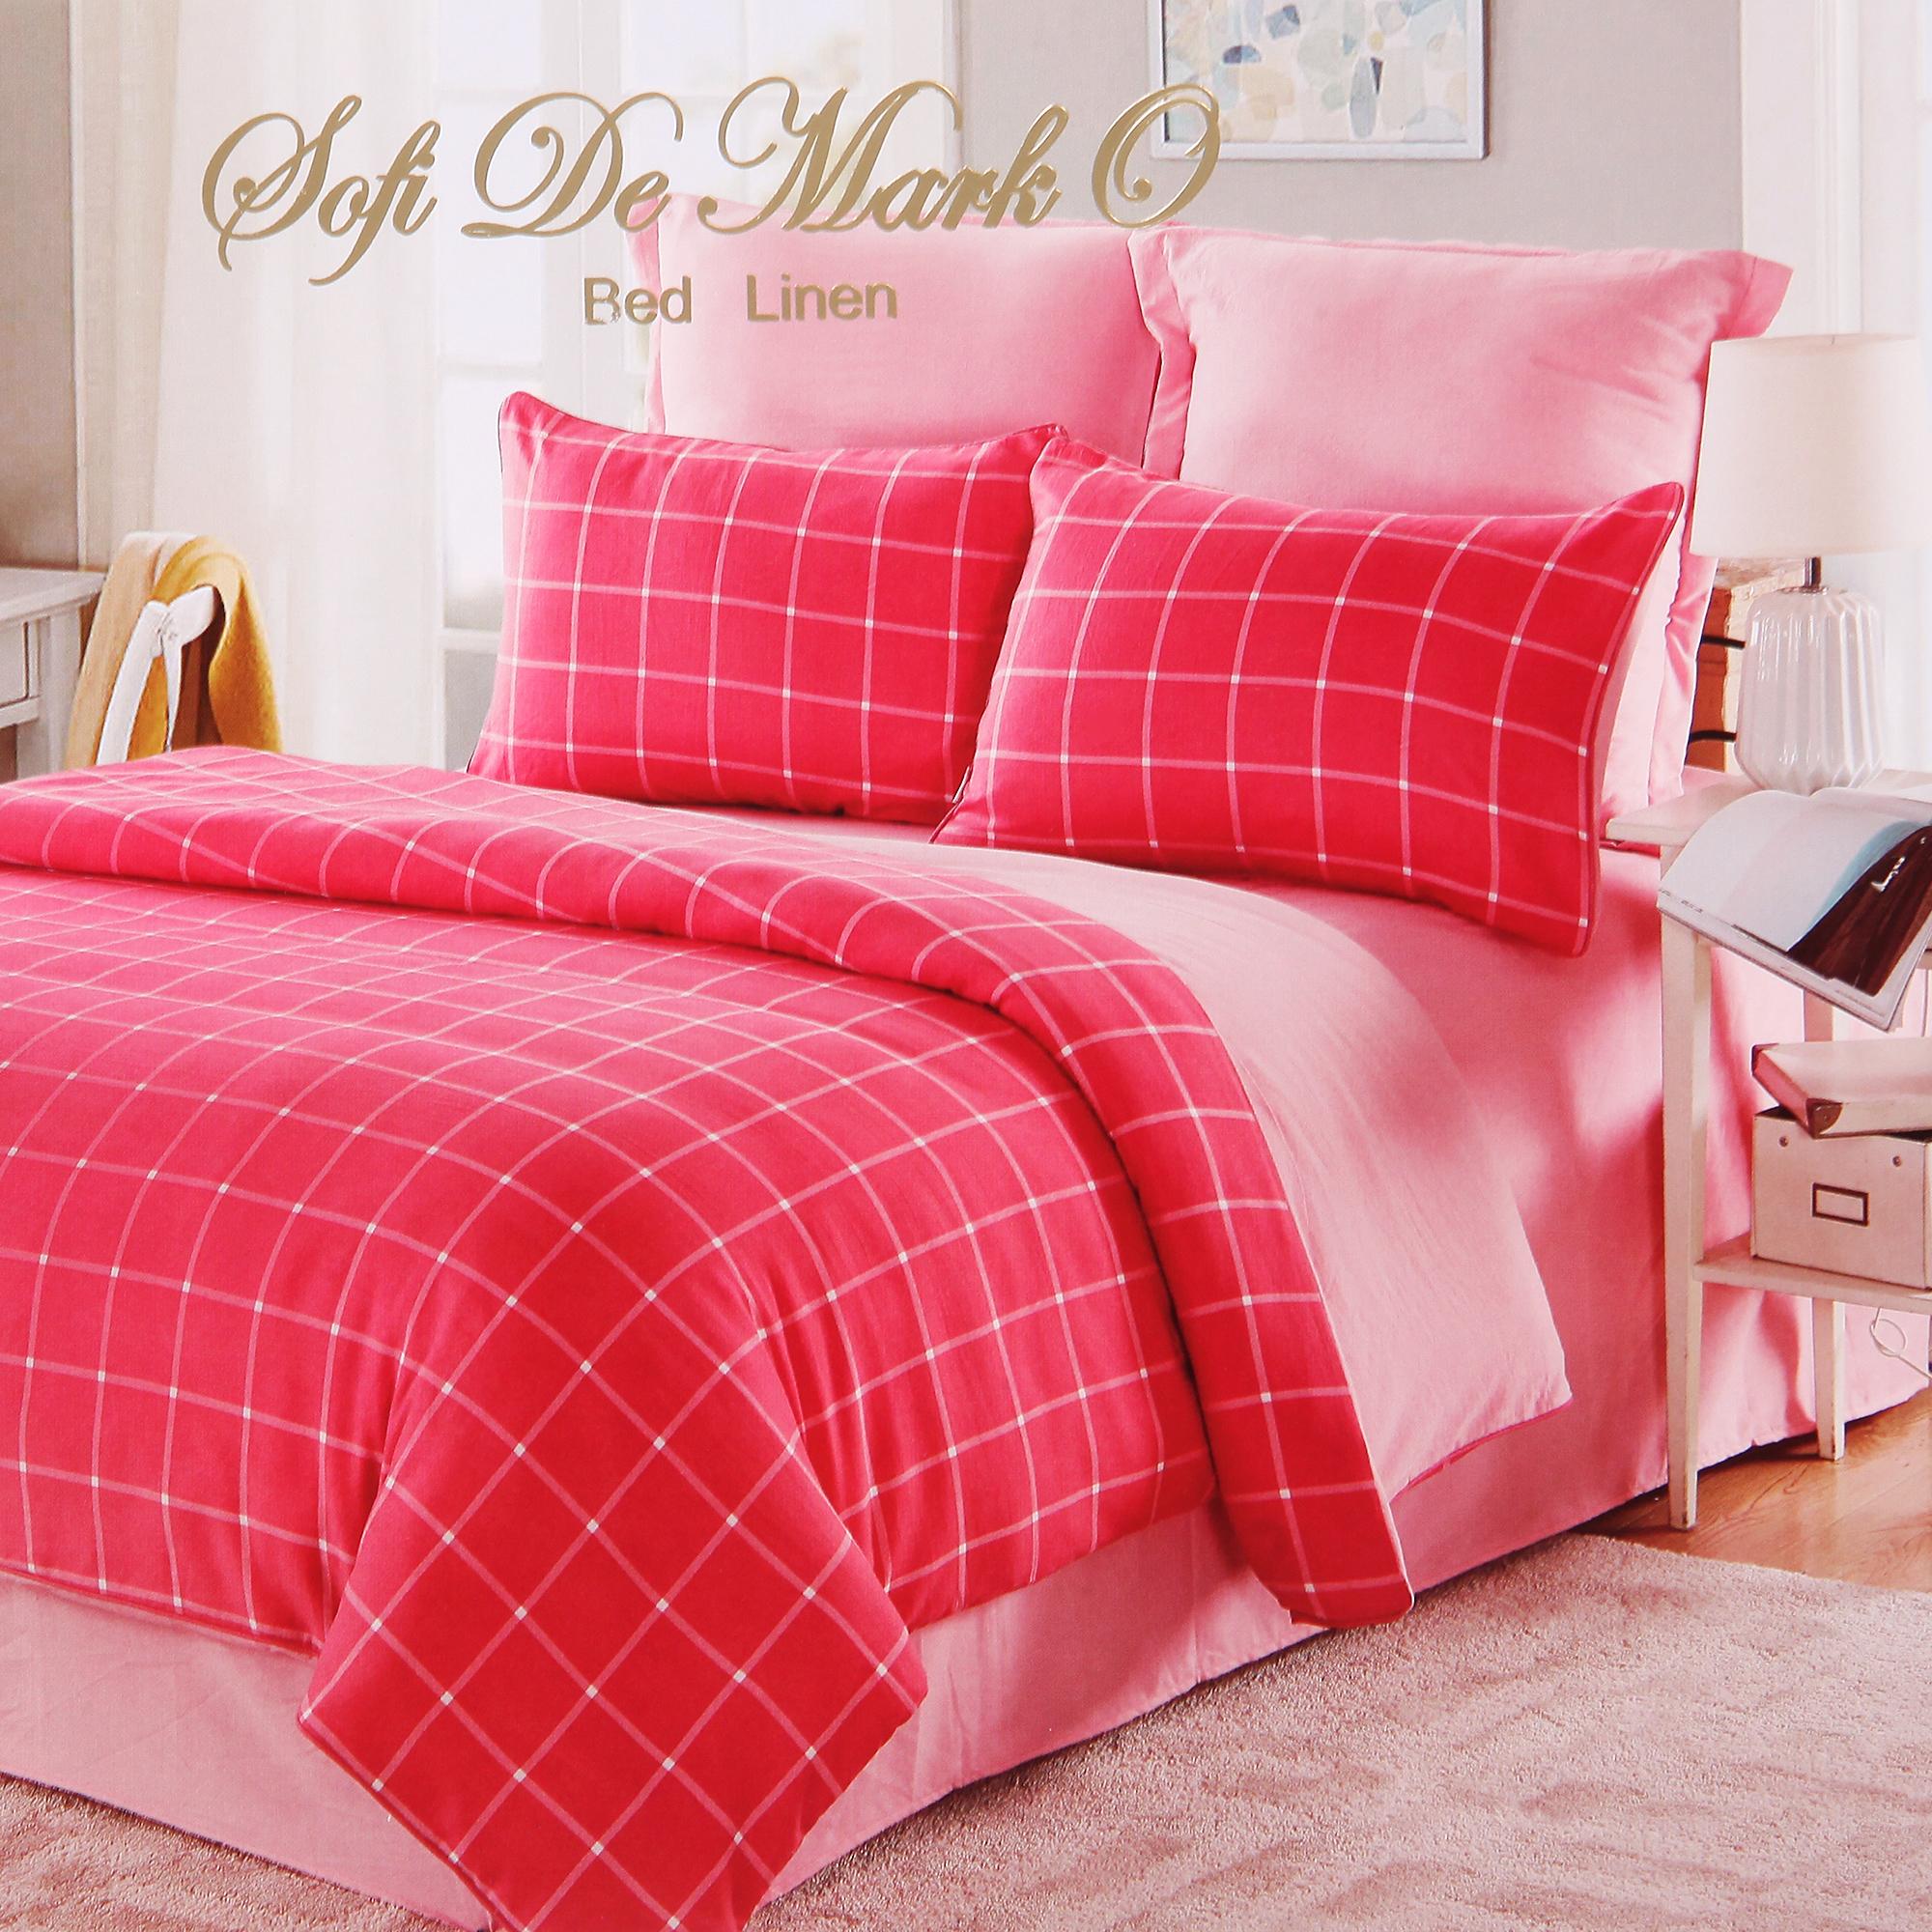 Постельный комплект Sofi de marko евро 200х220 элман розовый